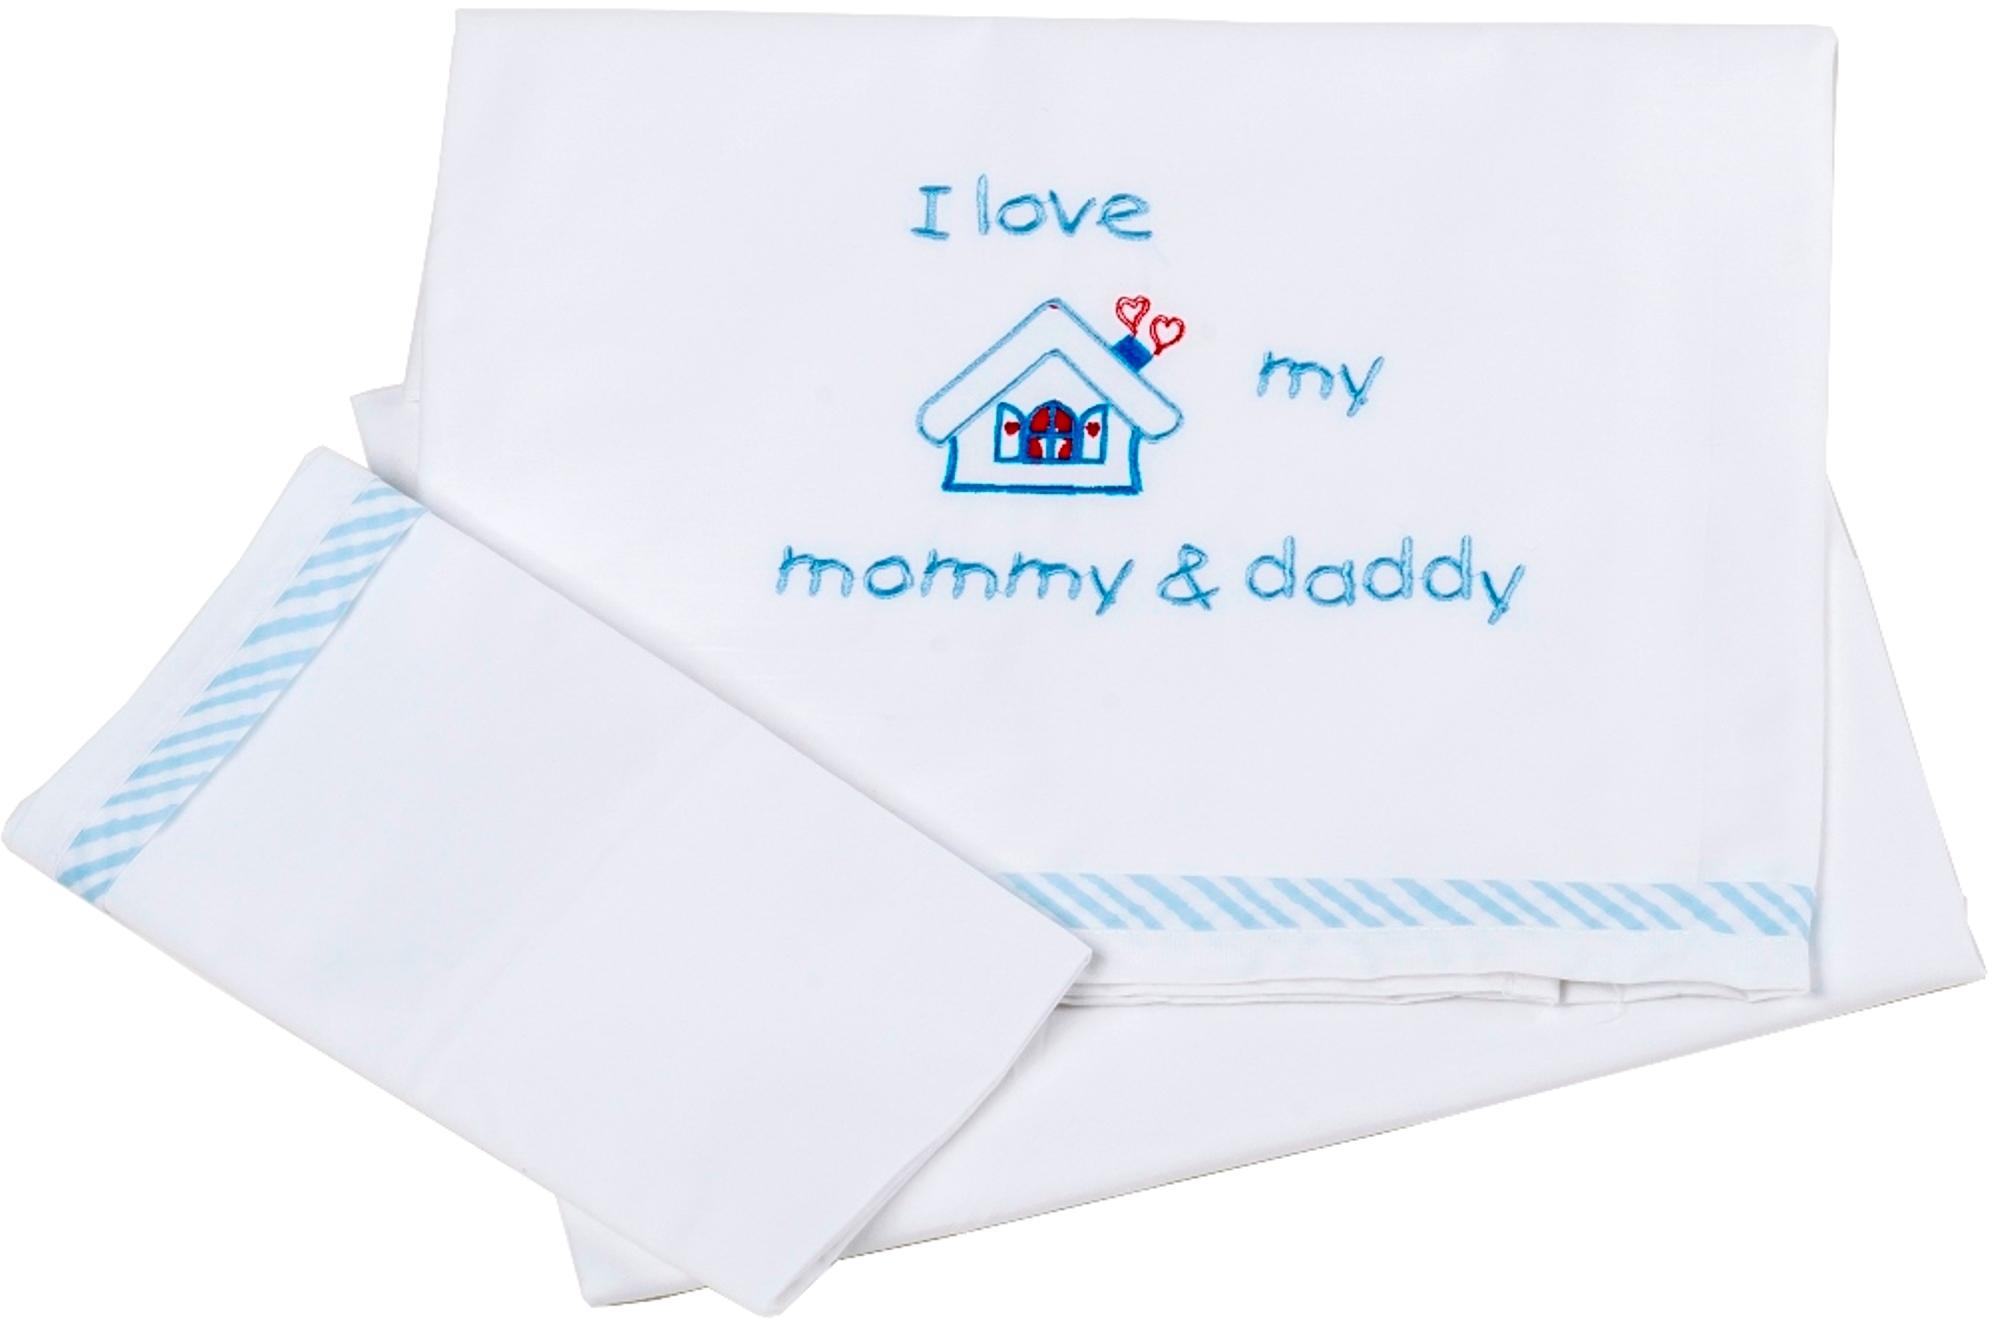 Σετ Σεντόνια Μπεμπέ 100x160εκ. Love 0202 Blue - Ο Κόσμος του Μωρού - 16-0202-lov λευκα ειδη παιδί σεντόνια μπεμπέ